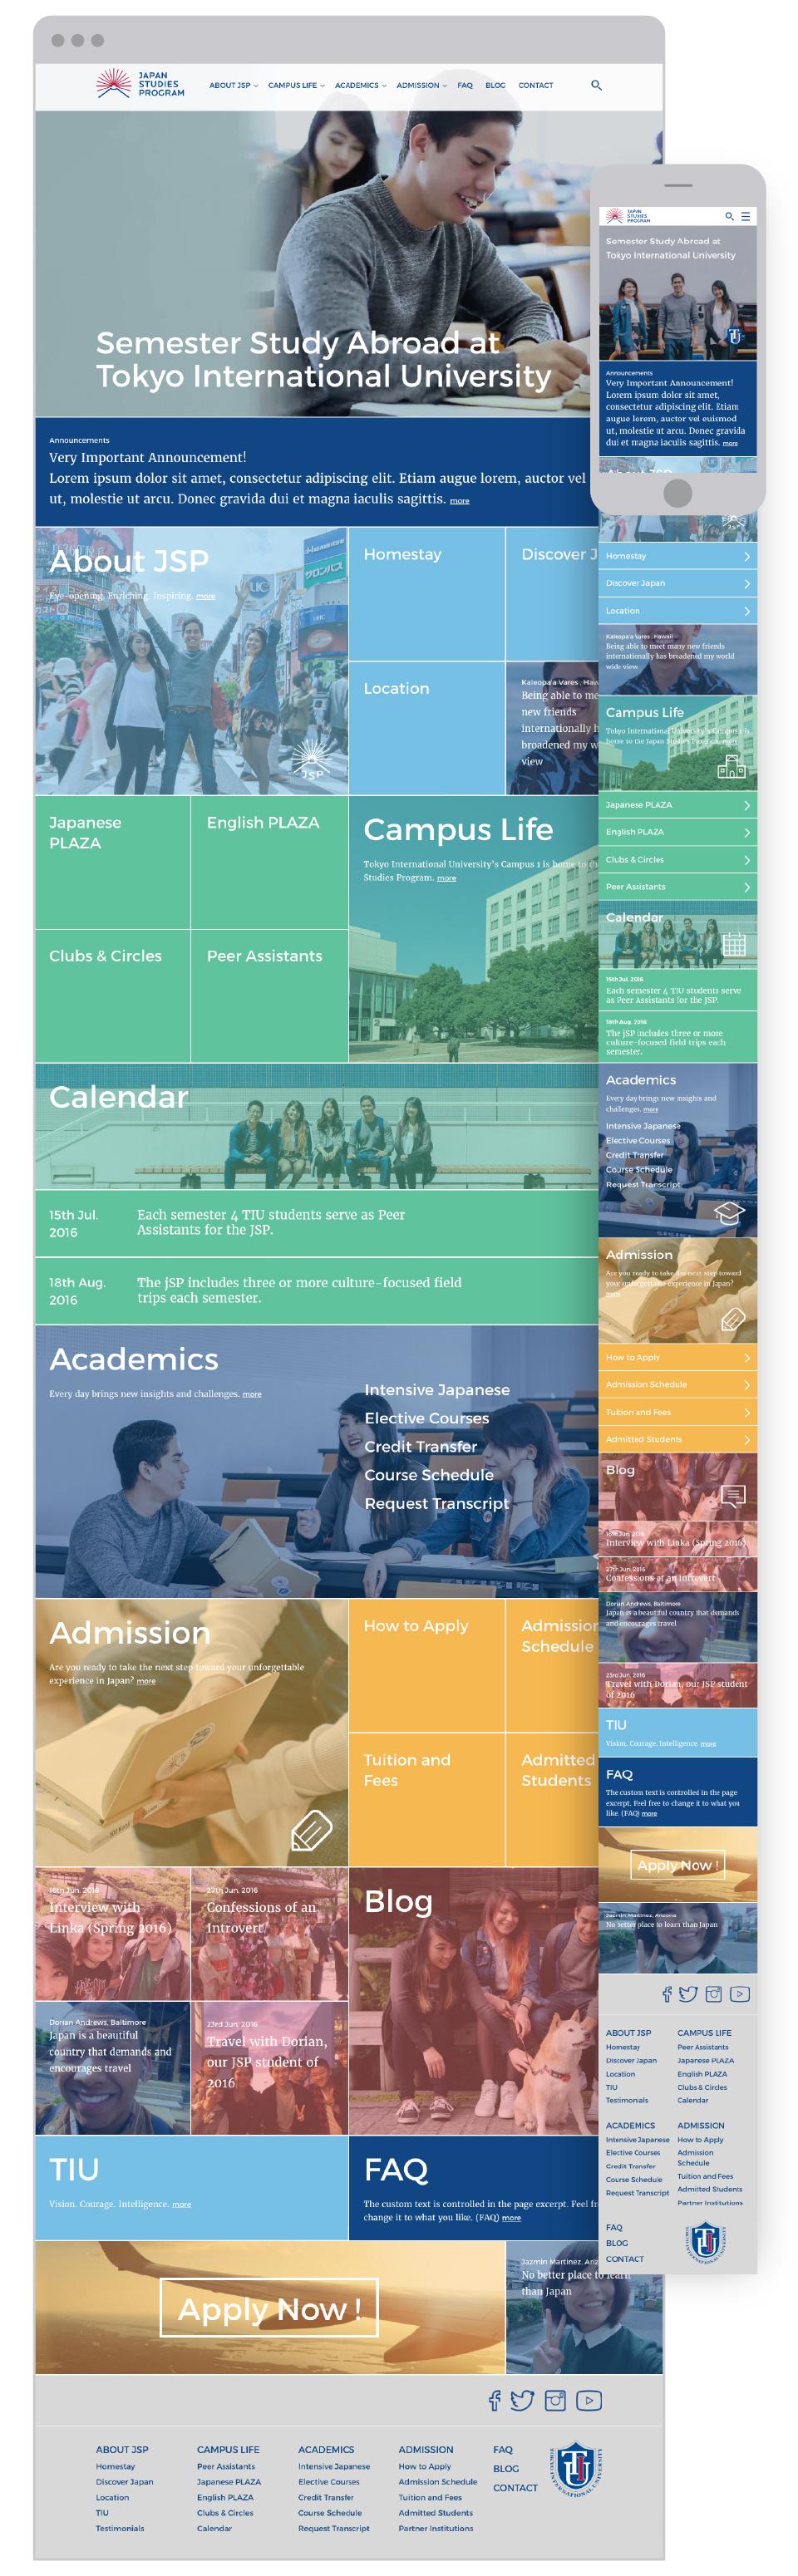 Japan Studies Program for Tokyo International University - Homepage of responsive website - UI UX